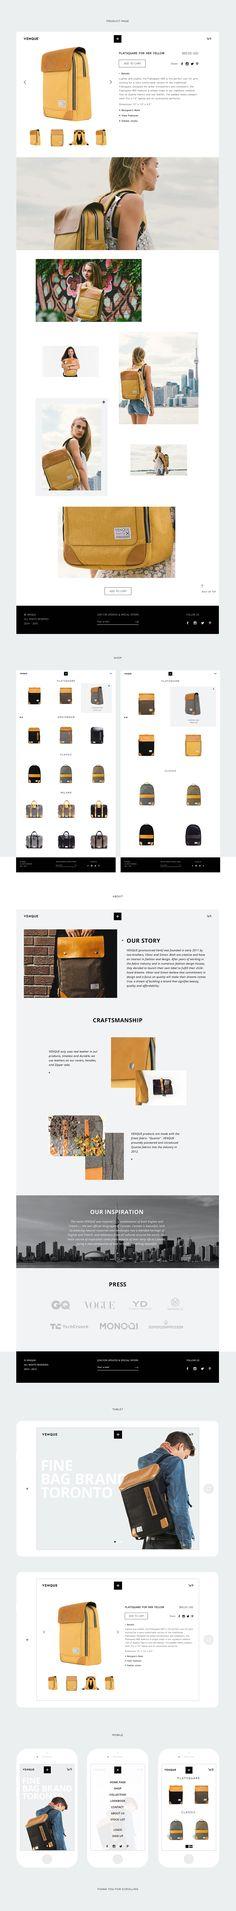 Venque rebranding on Web Design Served